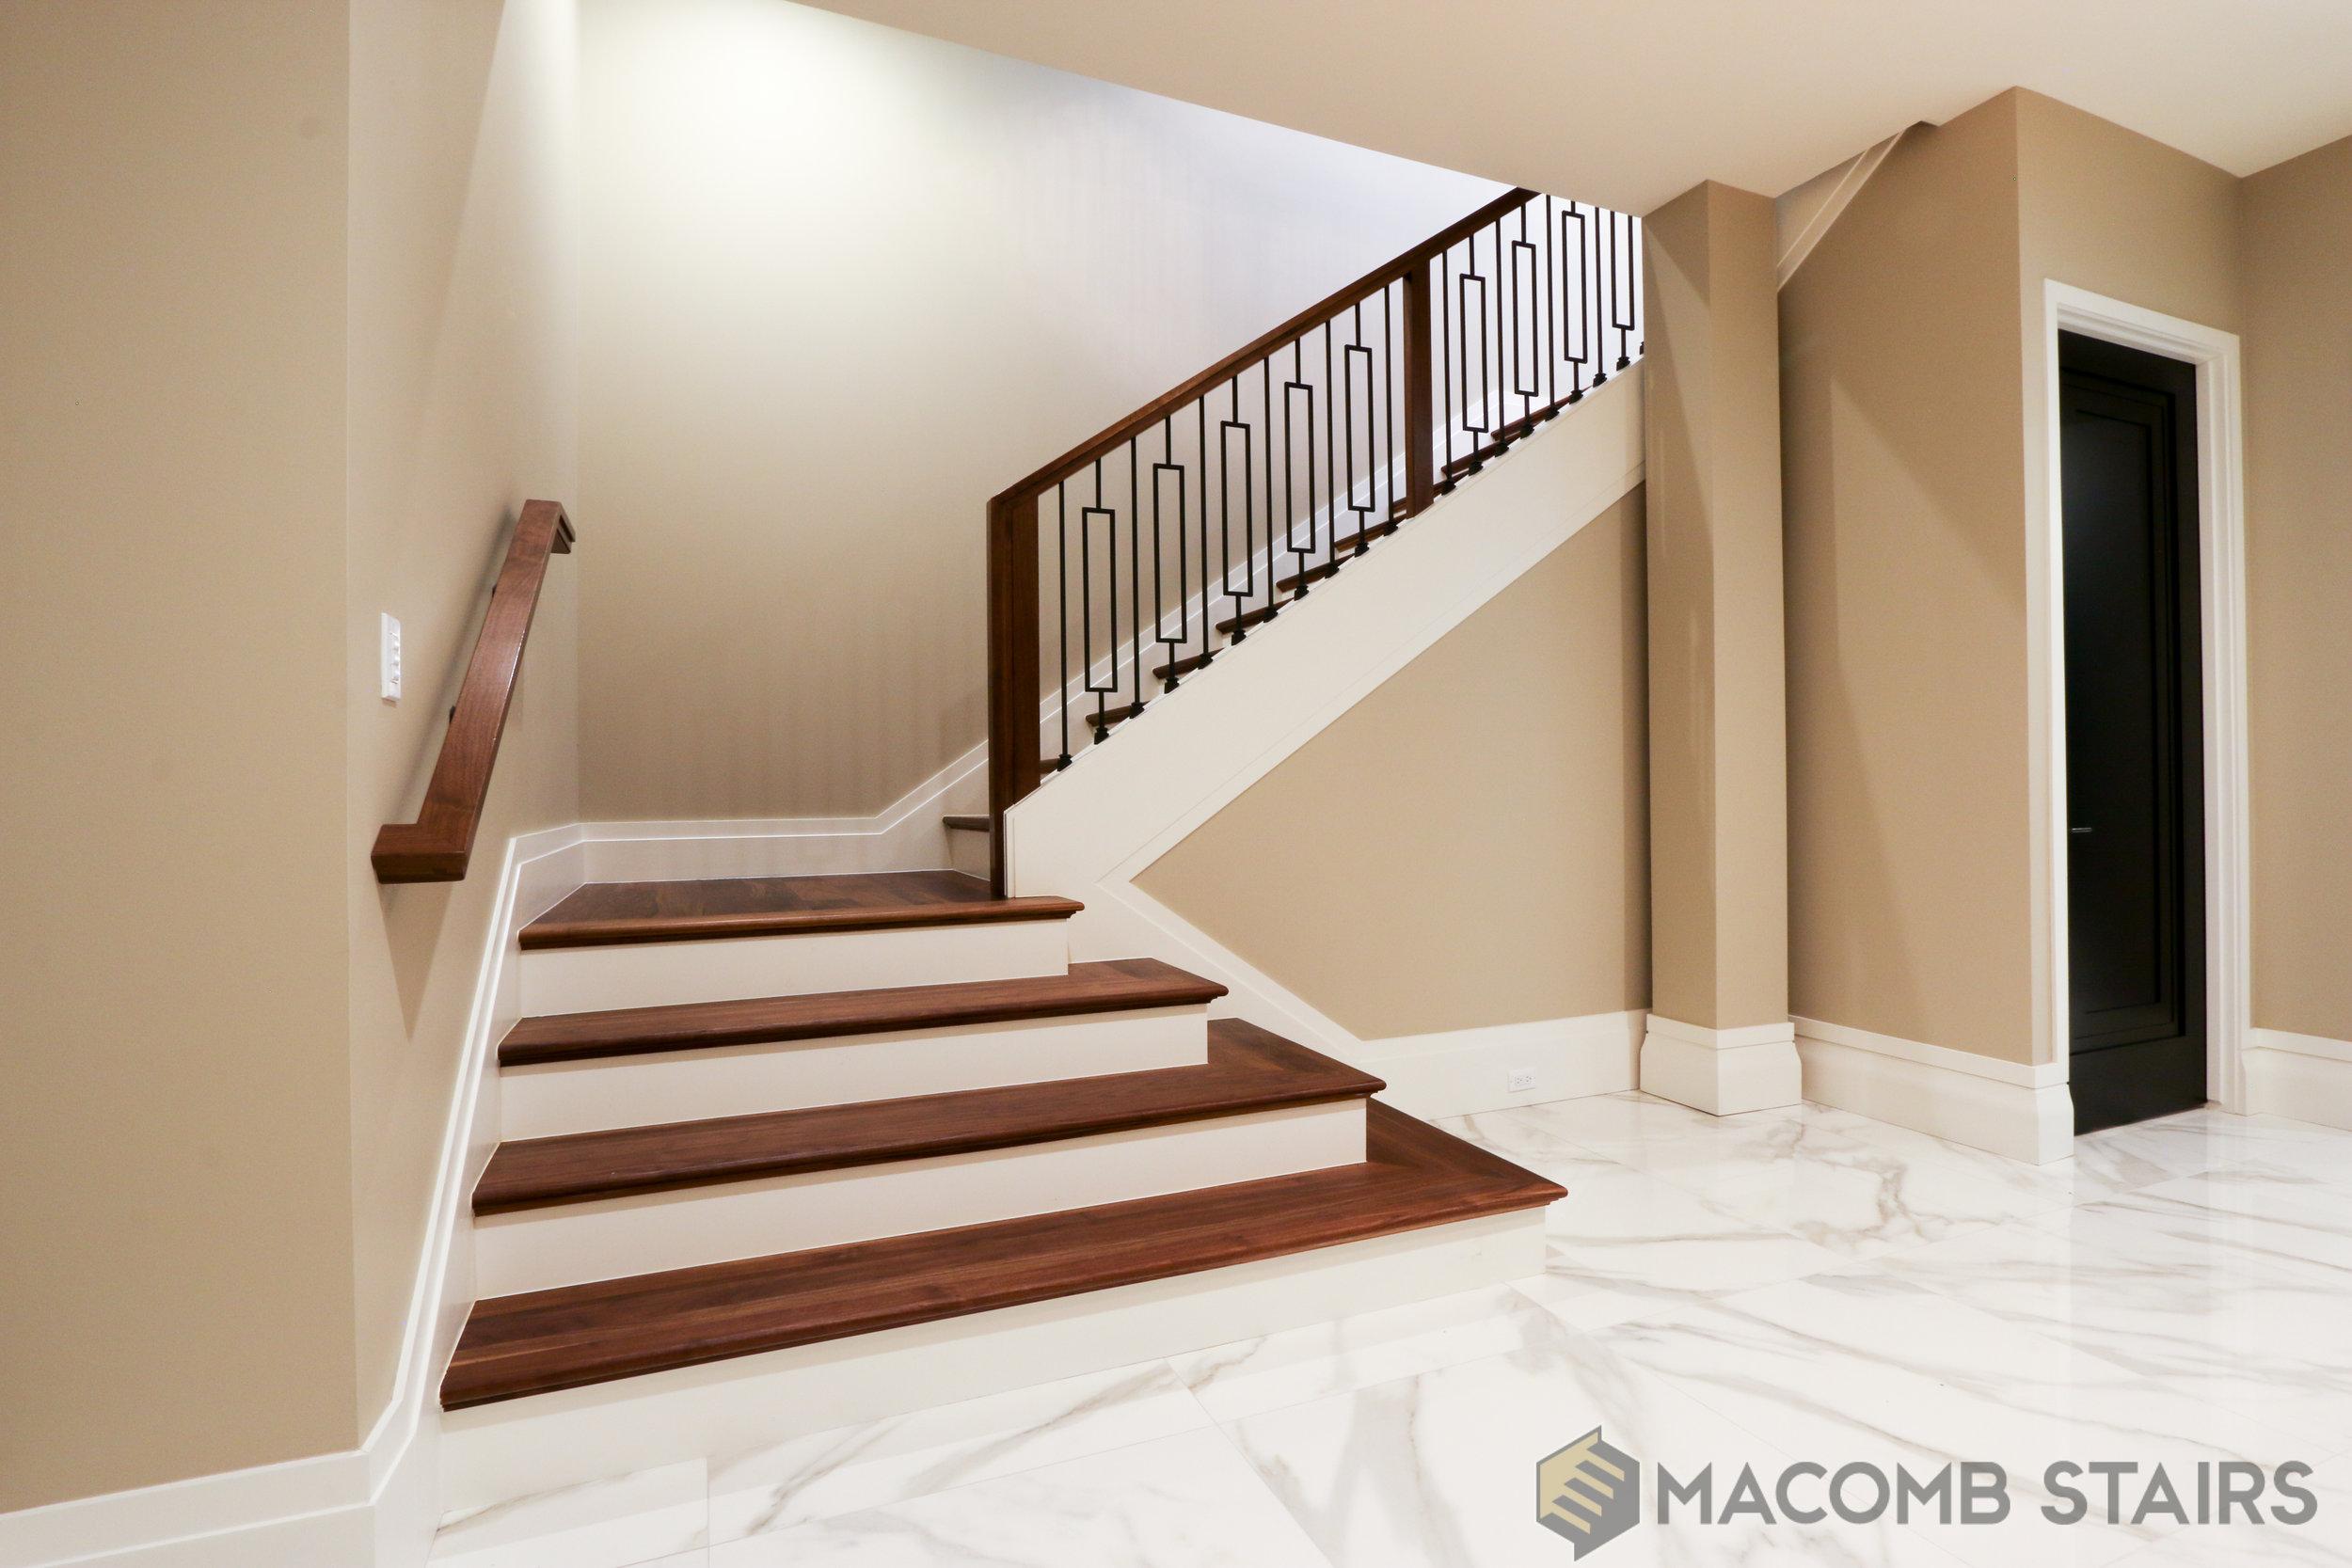 Macimb Stairs- Stair Photo-15.jpg